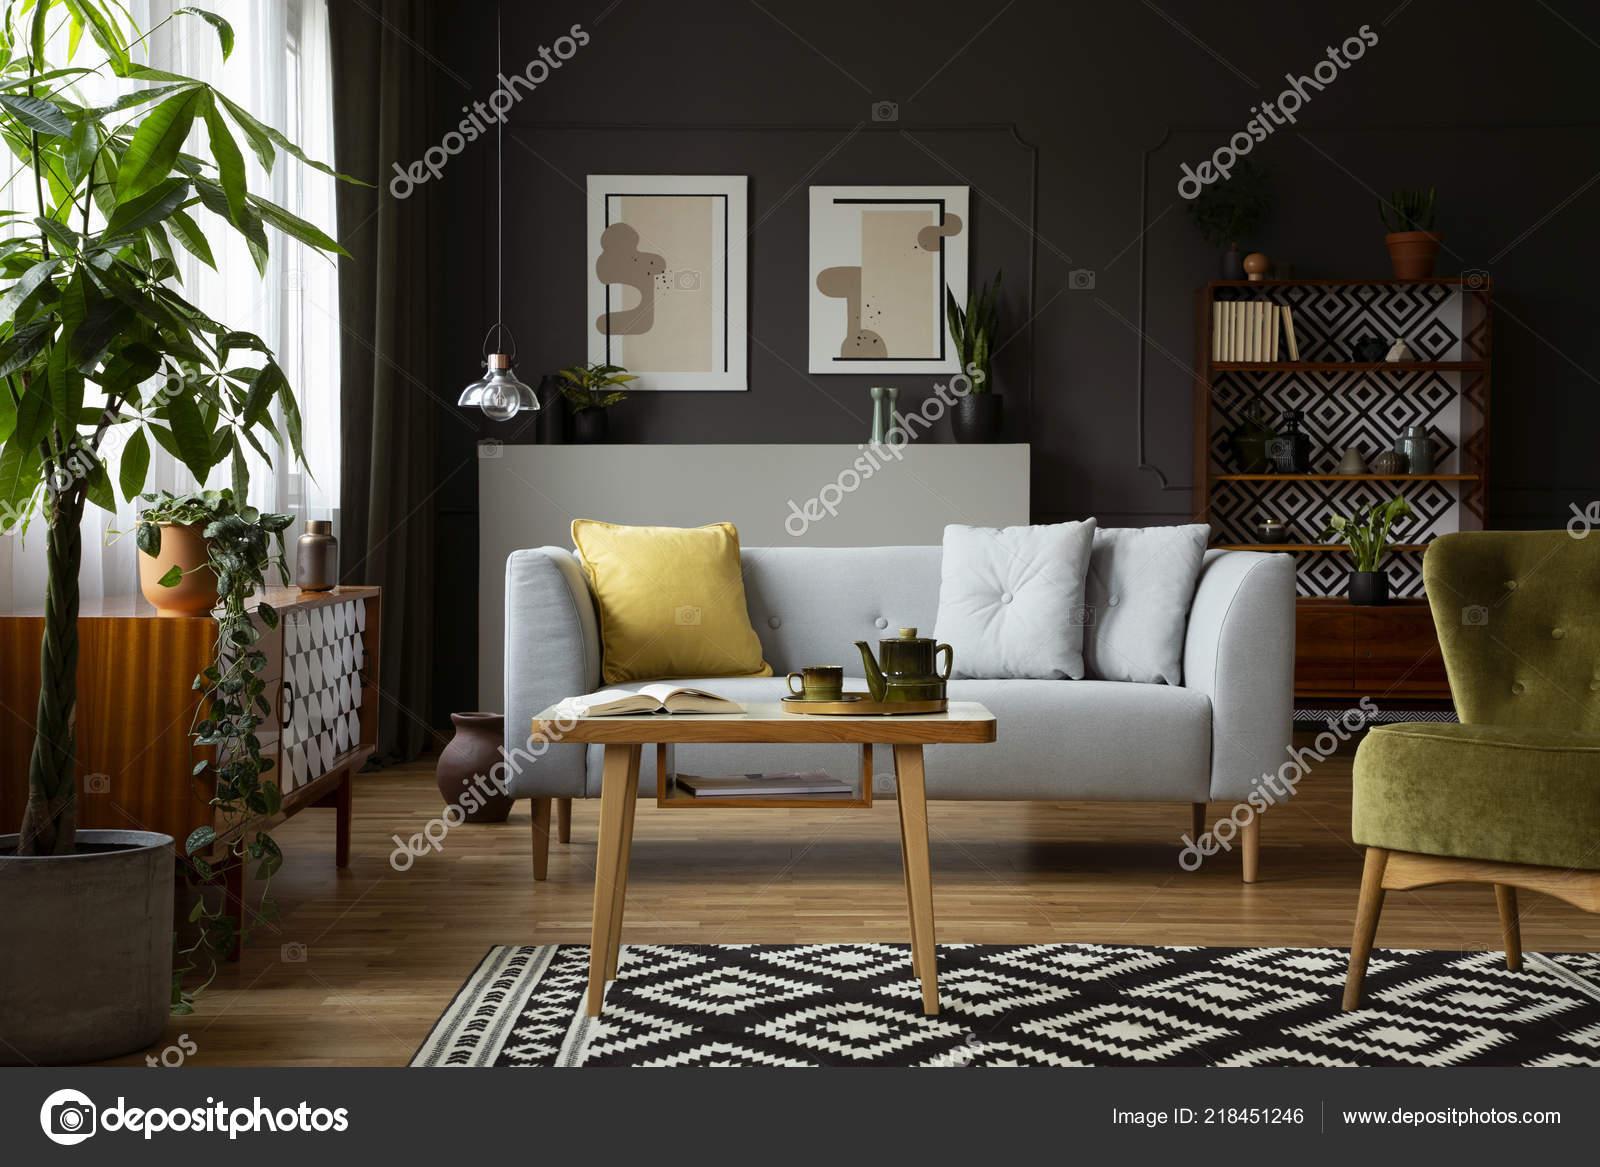 Echtes Foto Von Einem Vintage Wohnzimmer Interieur Mit Tisch